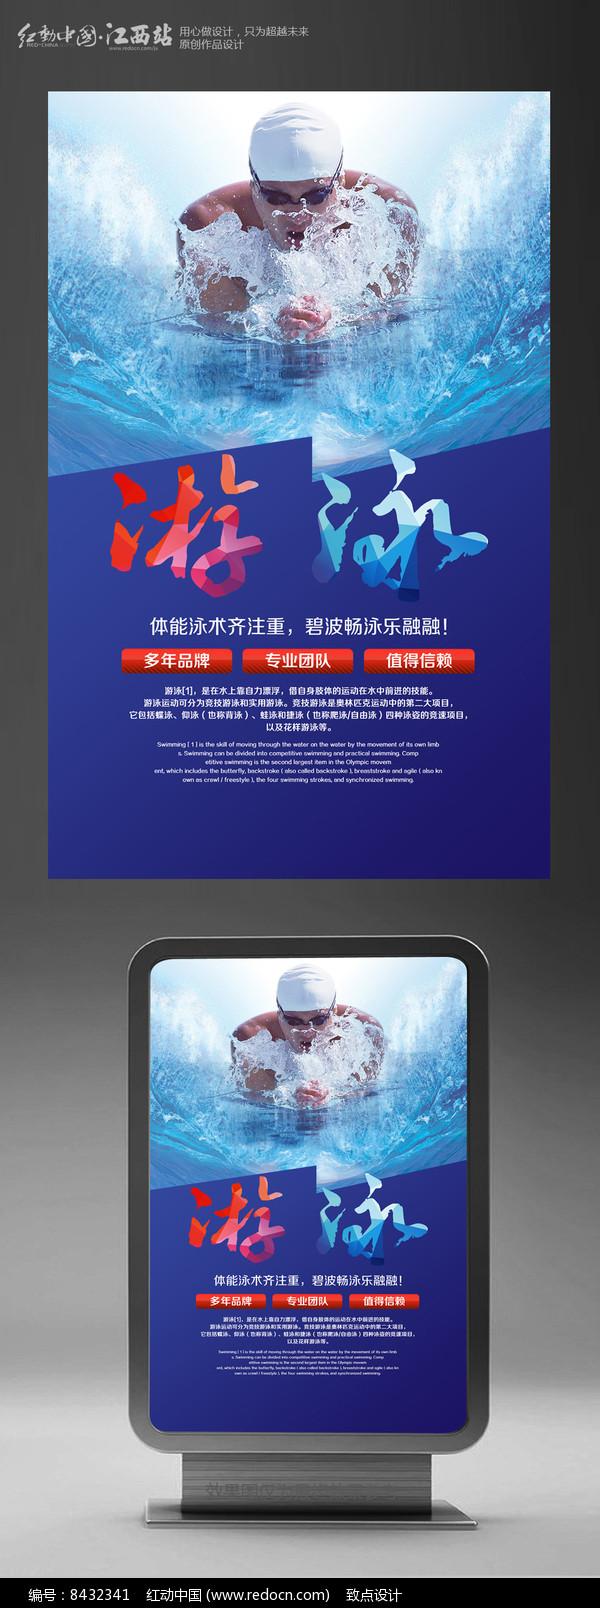 简约大气游泳海报图片